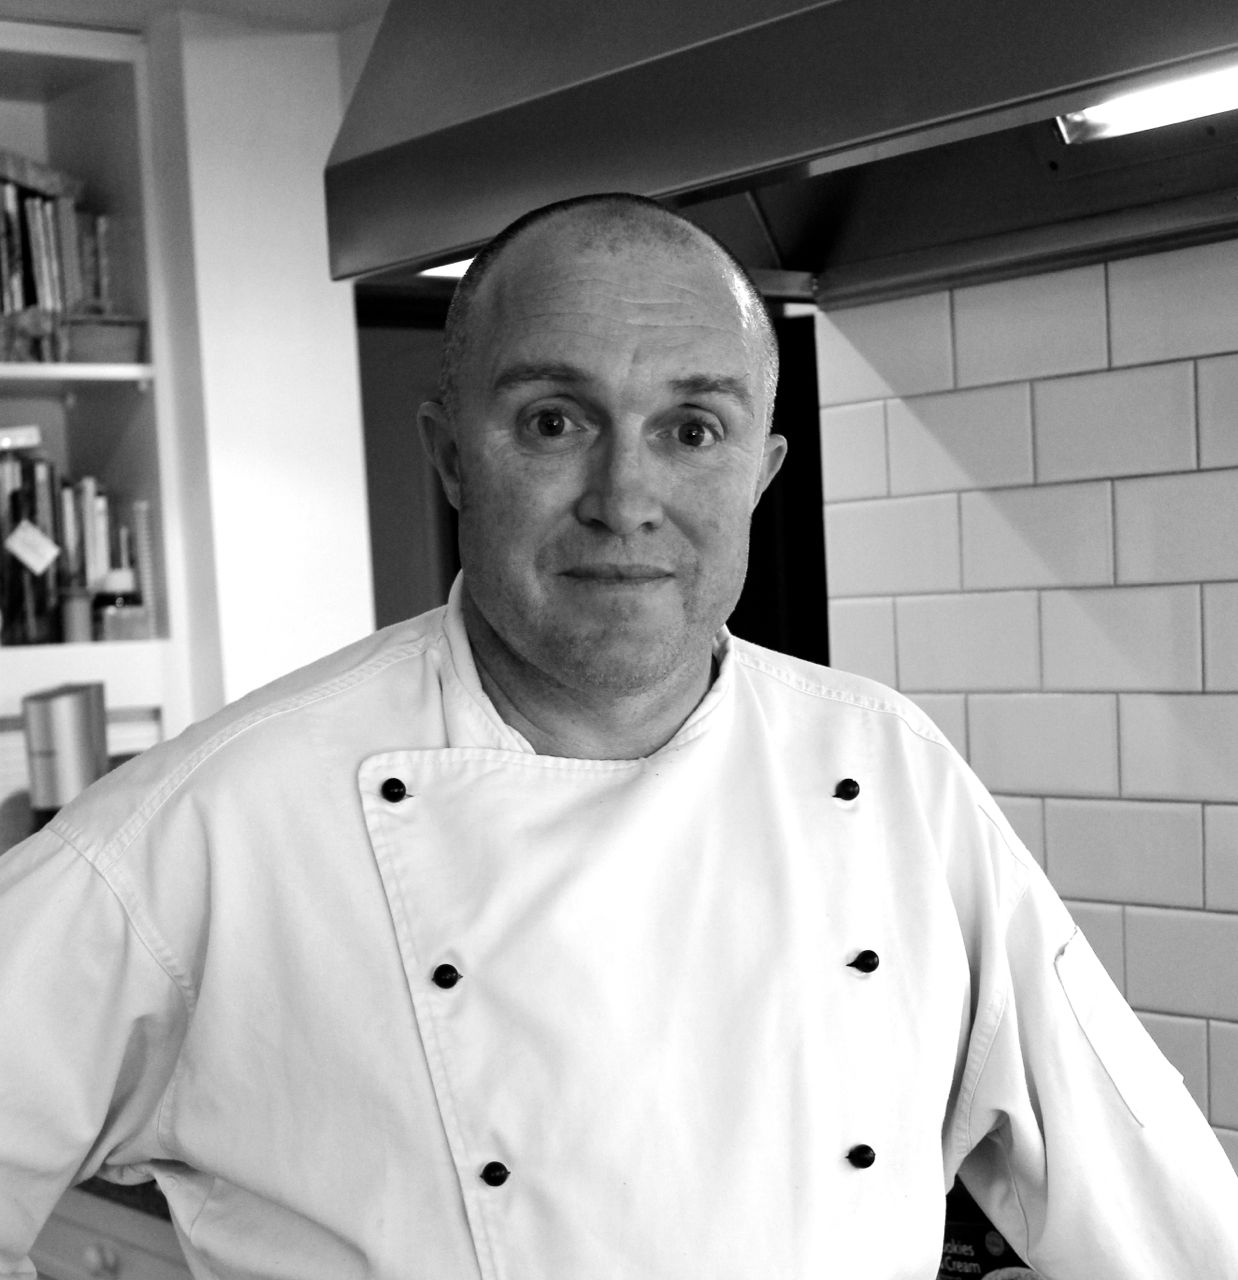 Peronal Chef Anthony Bloxham